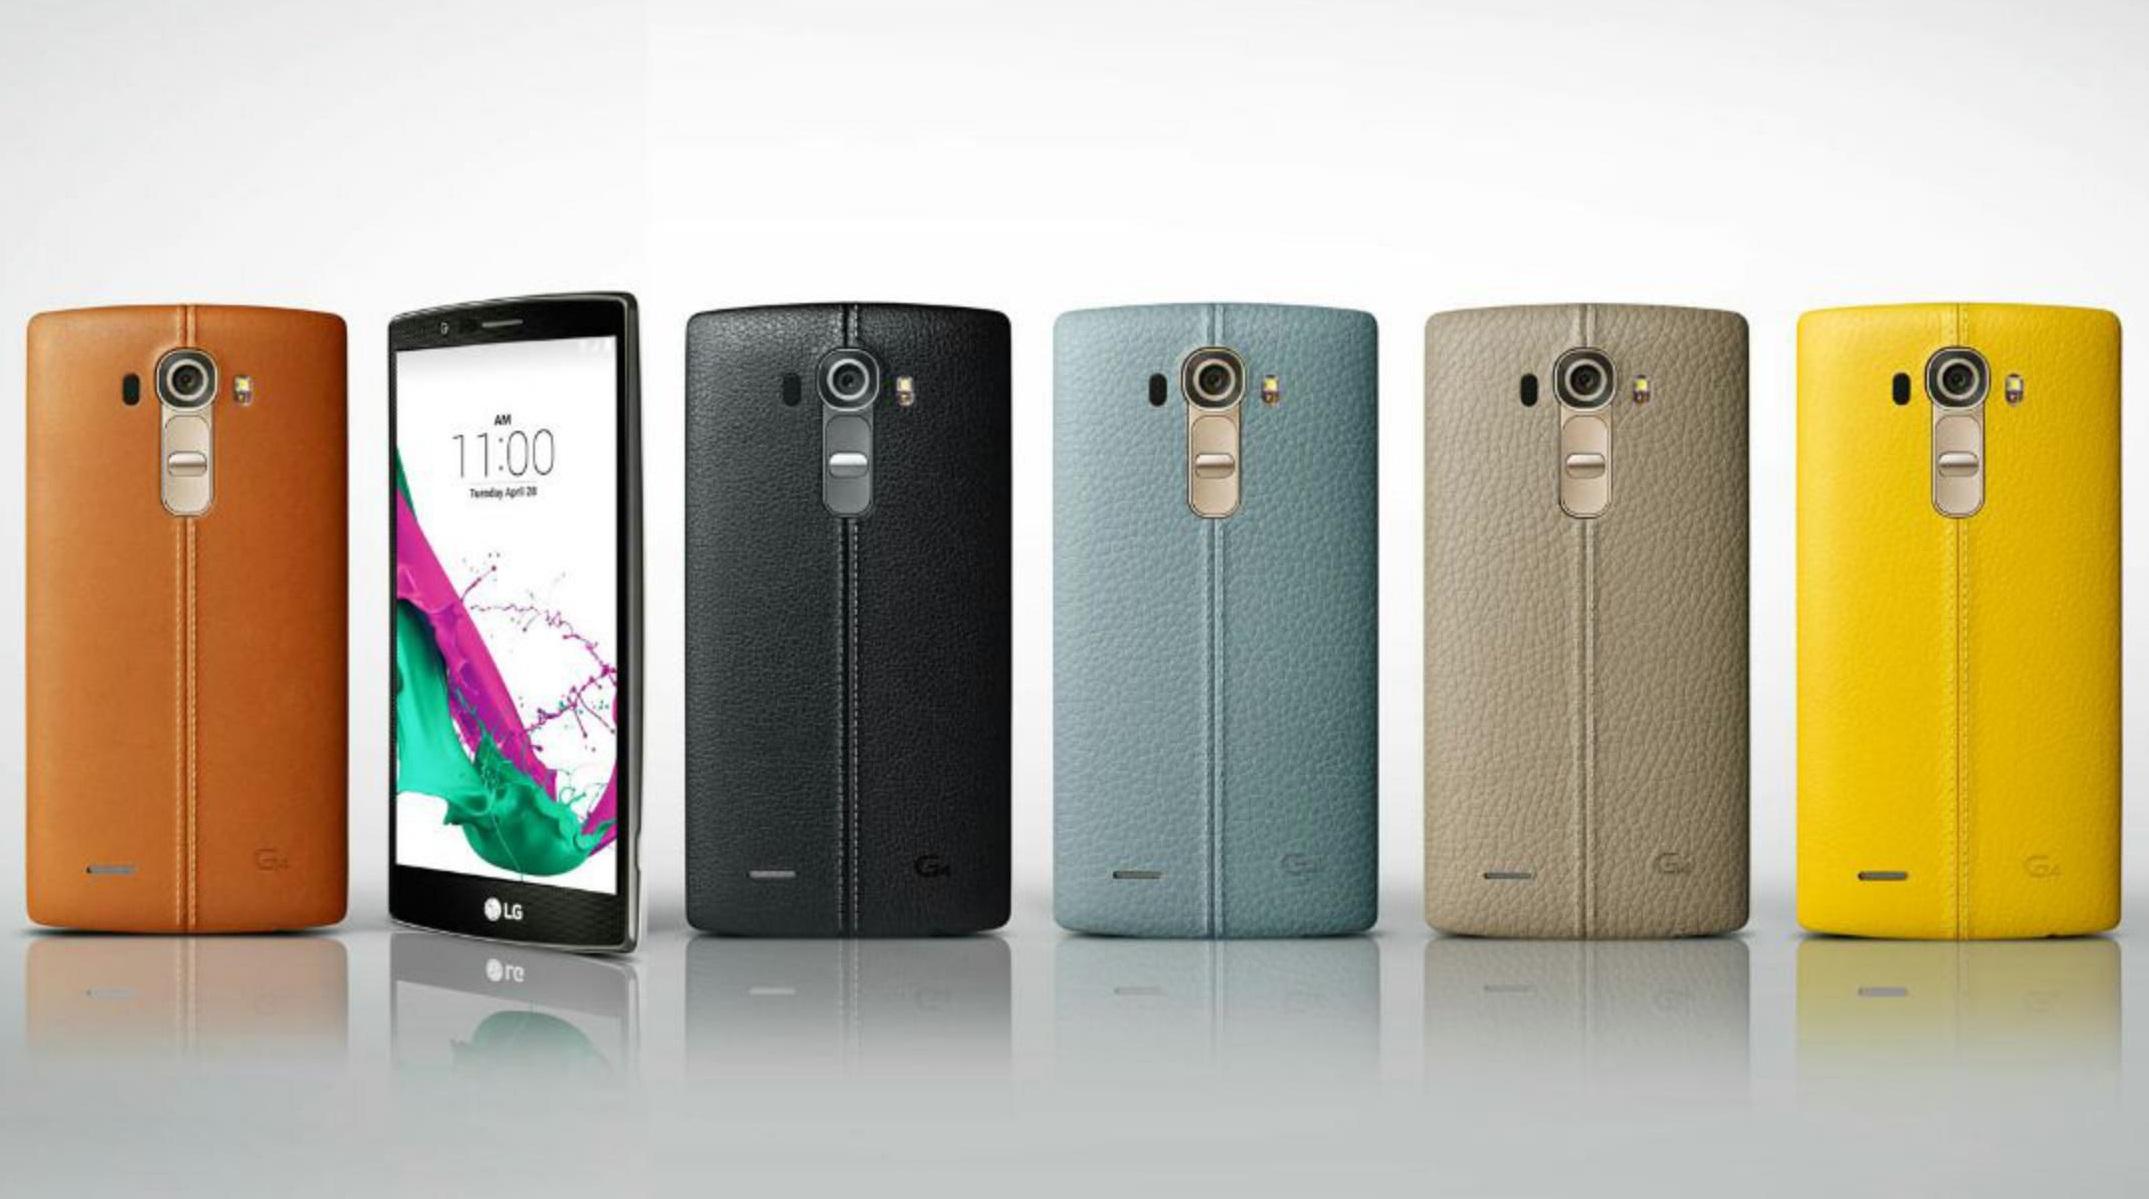 LG G4: tela curvada, câmera rápida e bateria removível num smartphone top de linha